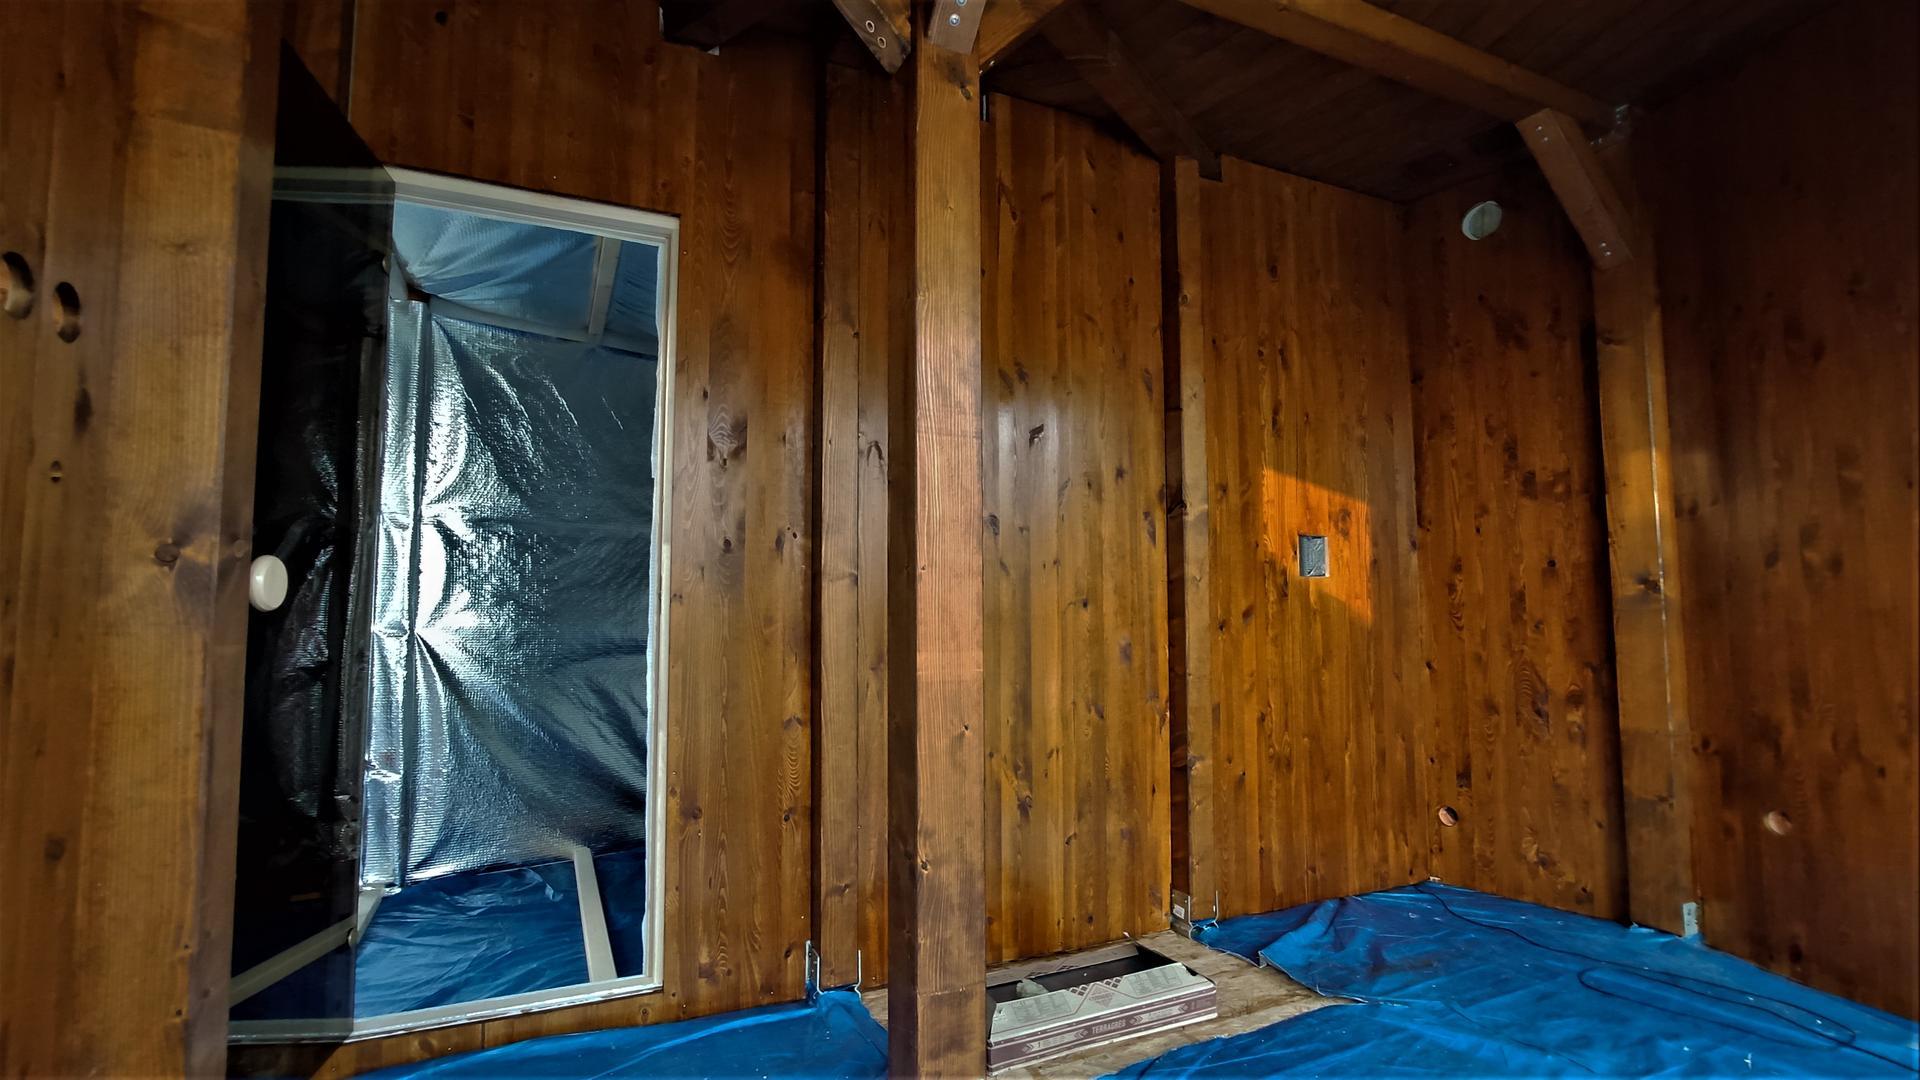 Relaxačný domček sauna a oddychová miestnosť ... plány, príprava a realizácia - Obrázok č. 104